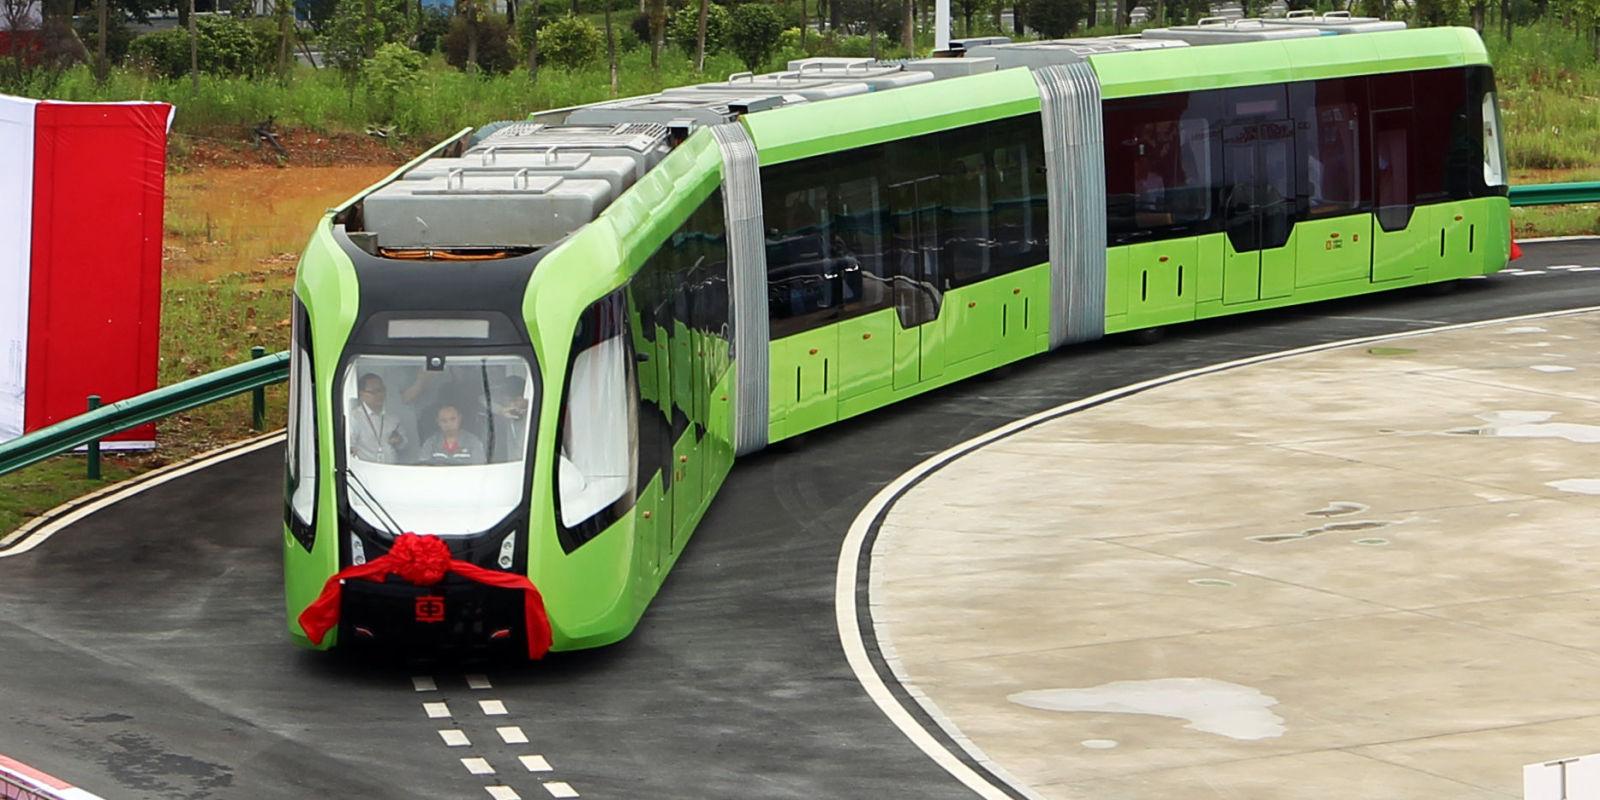 В Китае разработали беспилотный поезд, который будет ездить по нарисованным рельсам